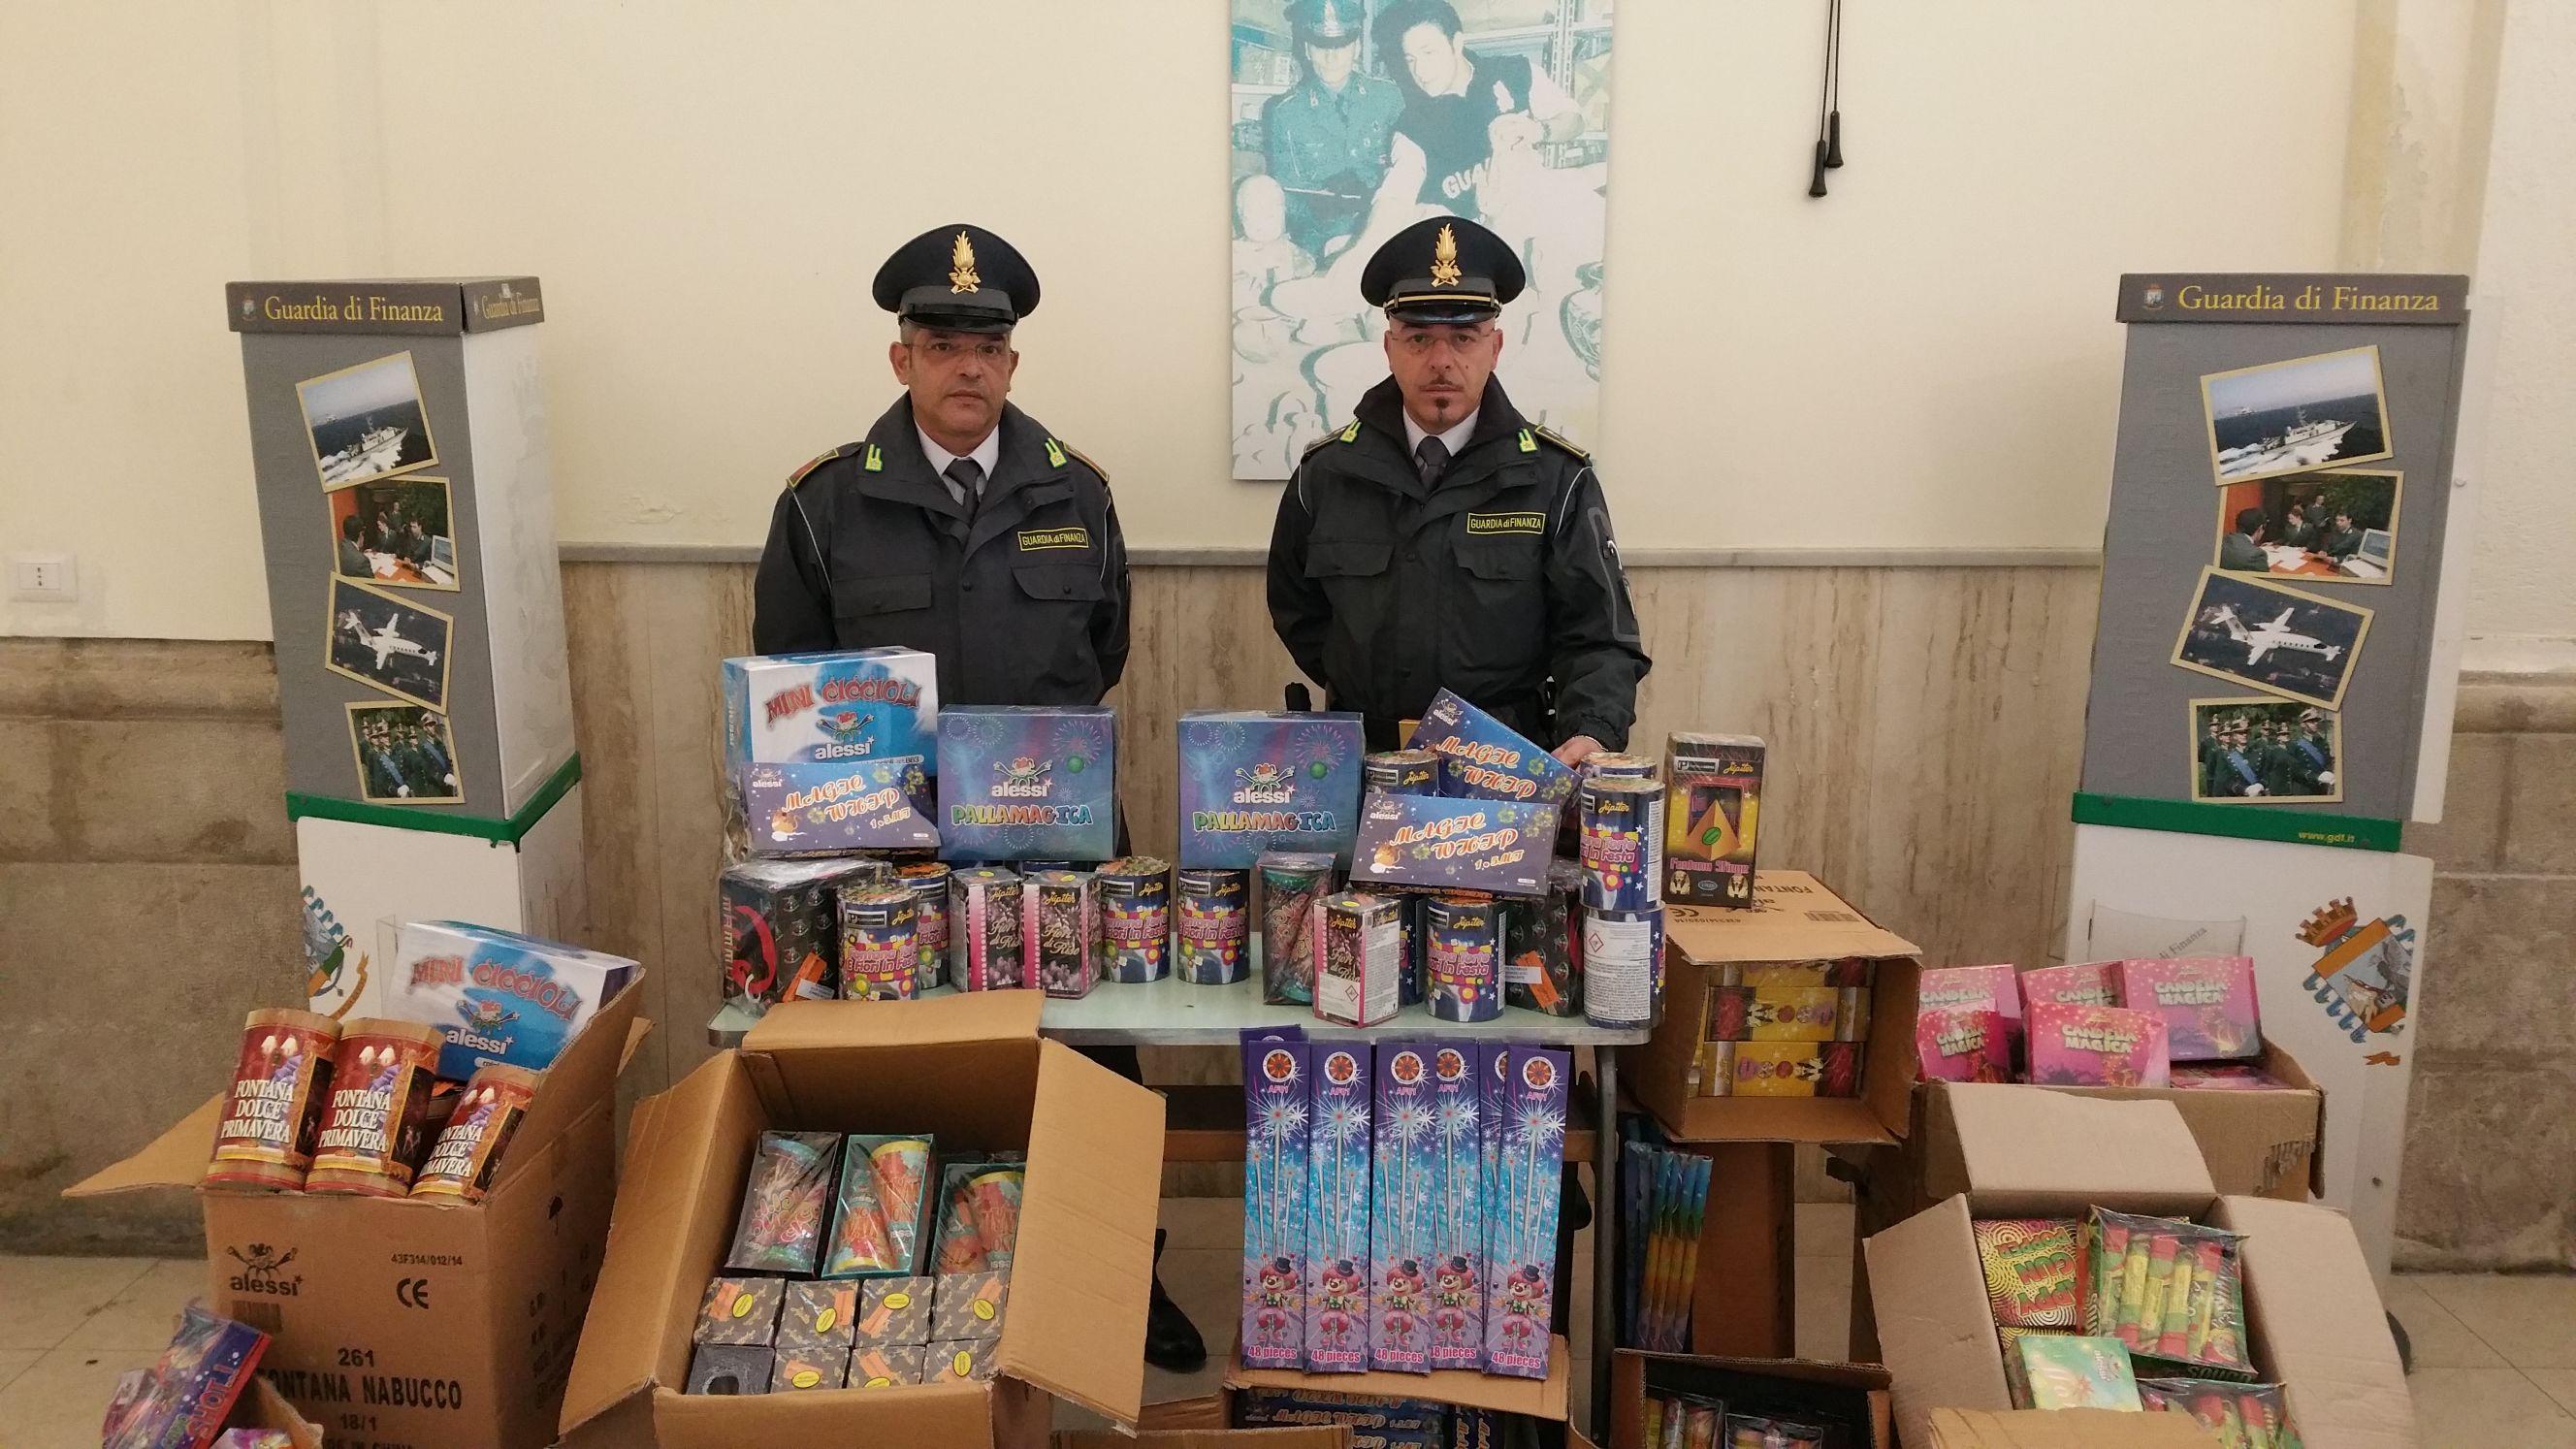 Sequestrati dalla Guardia di Finanza 150 kg di 'botti di fine anno'